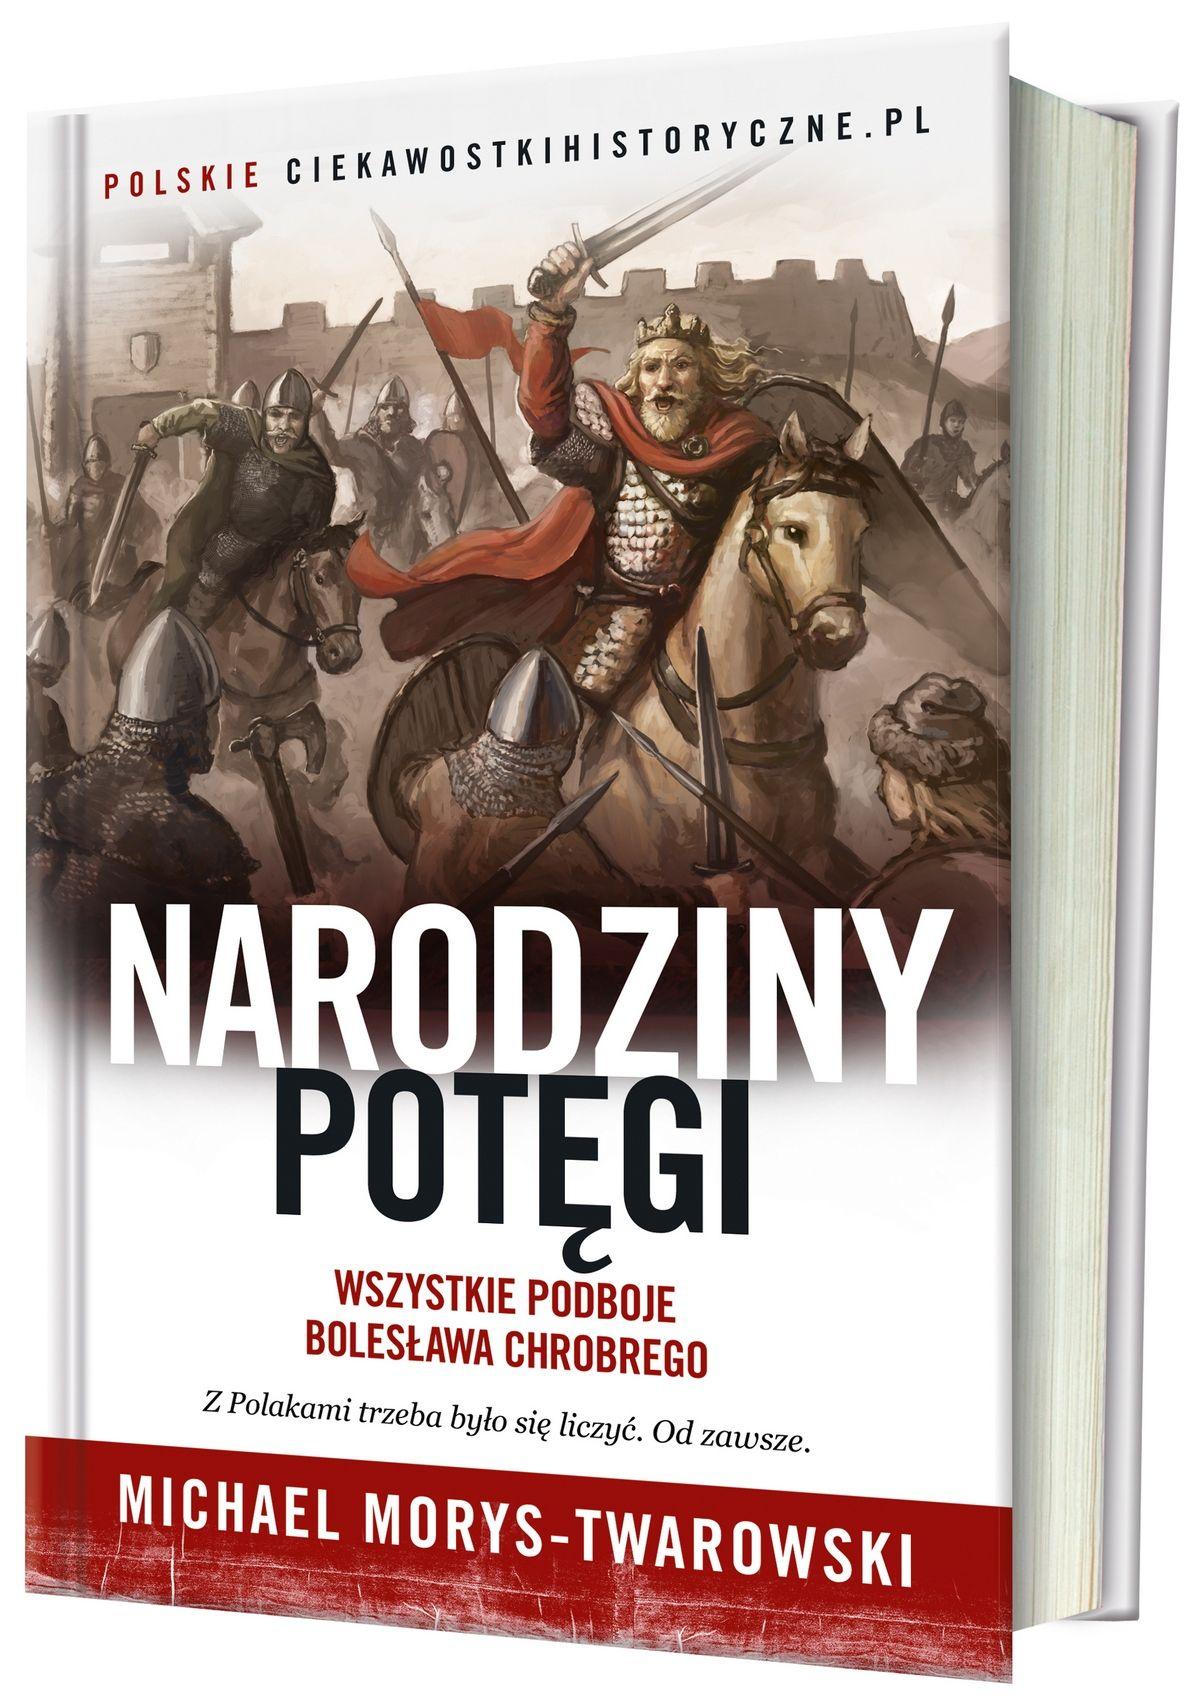 """Już we wrześniu do księgarń trafi nasza najnowsza książka pod tytułem """"Narodziny potęgi. Wszystkie podboje Bolesława Chrobrego""""."""